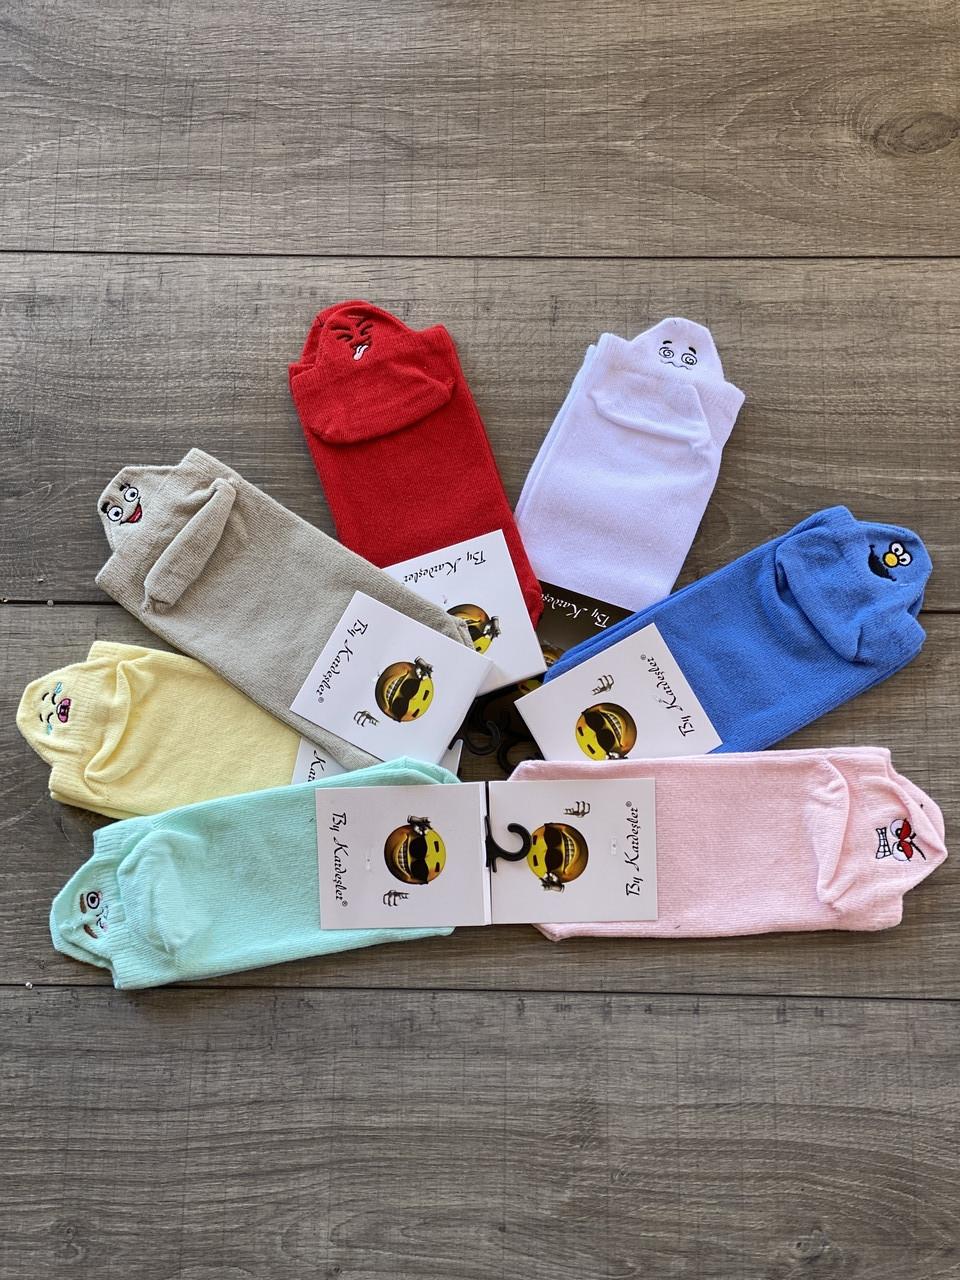 Короткі жіночі шкарпетки бавовна Kardesler з вишитими смайликами 35-40 12 шт в уп мікс 7 кольорів